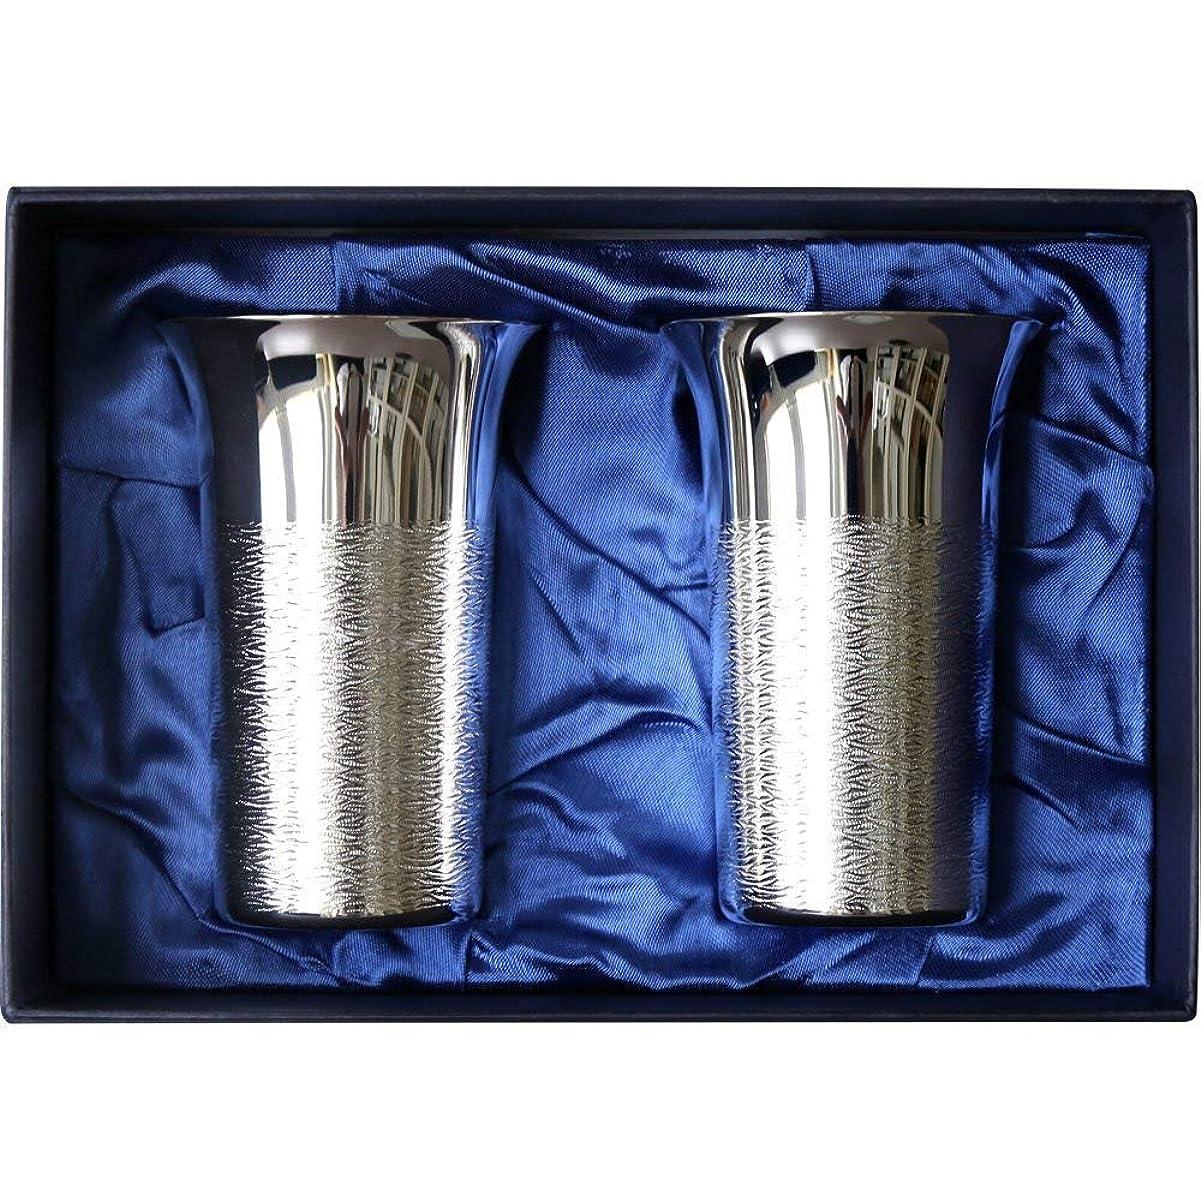 思い出す説教する滑るお中元ギフト 人気 高級銀製 ビール タンブラー Lサイズ ペアギフト 200ml×2本 王室御用達 酒器 布貼り箱入り ギフト 退職祝い 誕生日 (Amazon出荷)